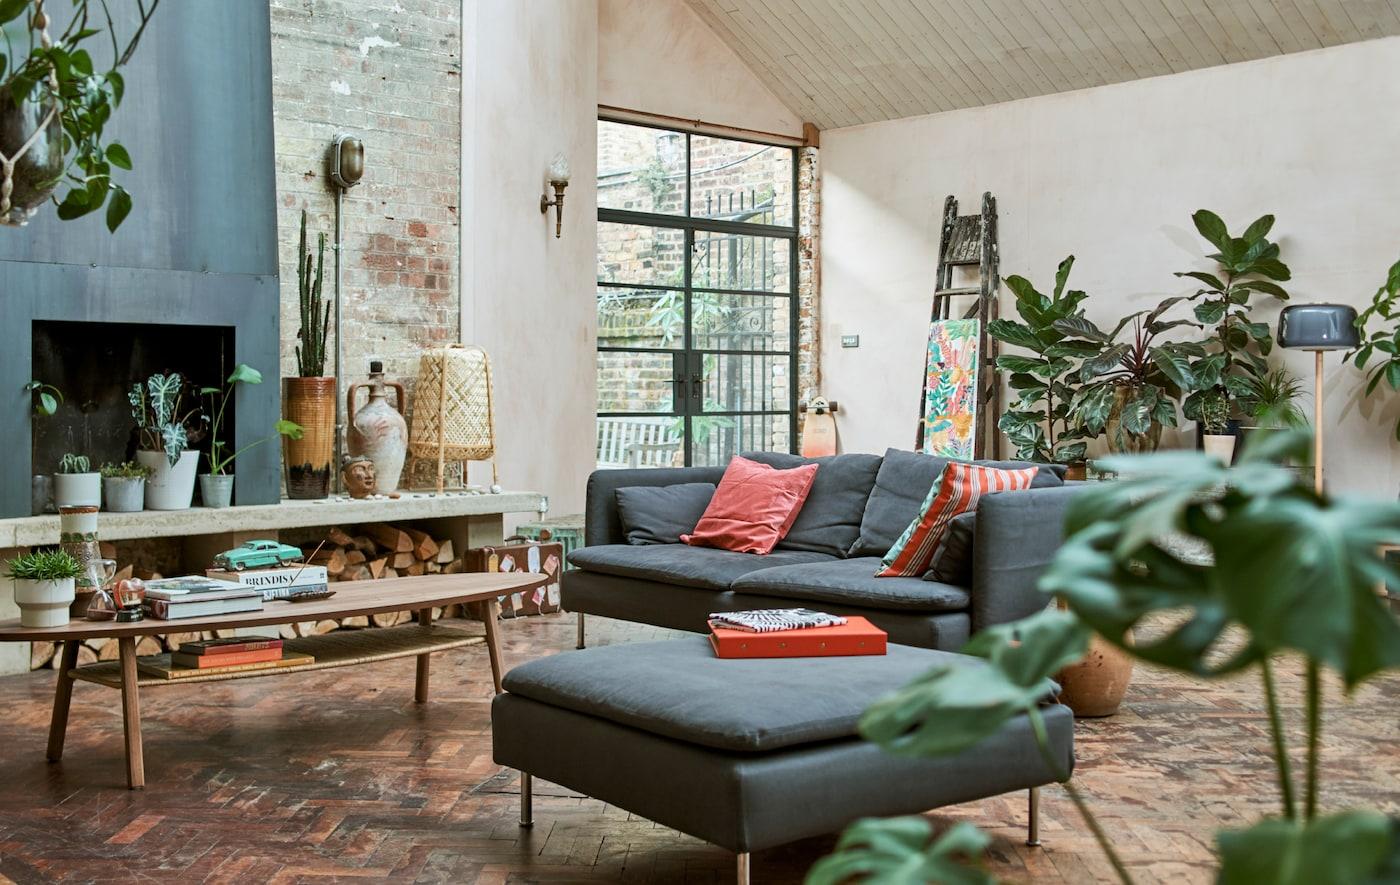 Vardagsrum med lagerlokalskänsla med tegelväggar, öppen spis, parkettgolv, blå soffa och fotpall, soffbord och växter.